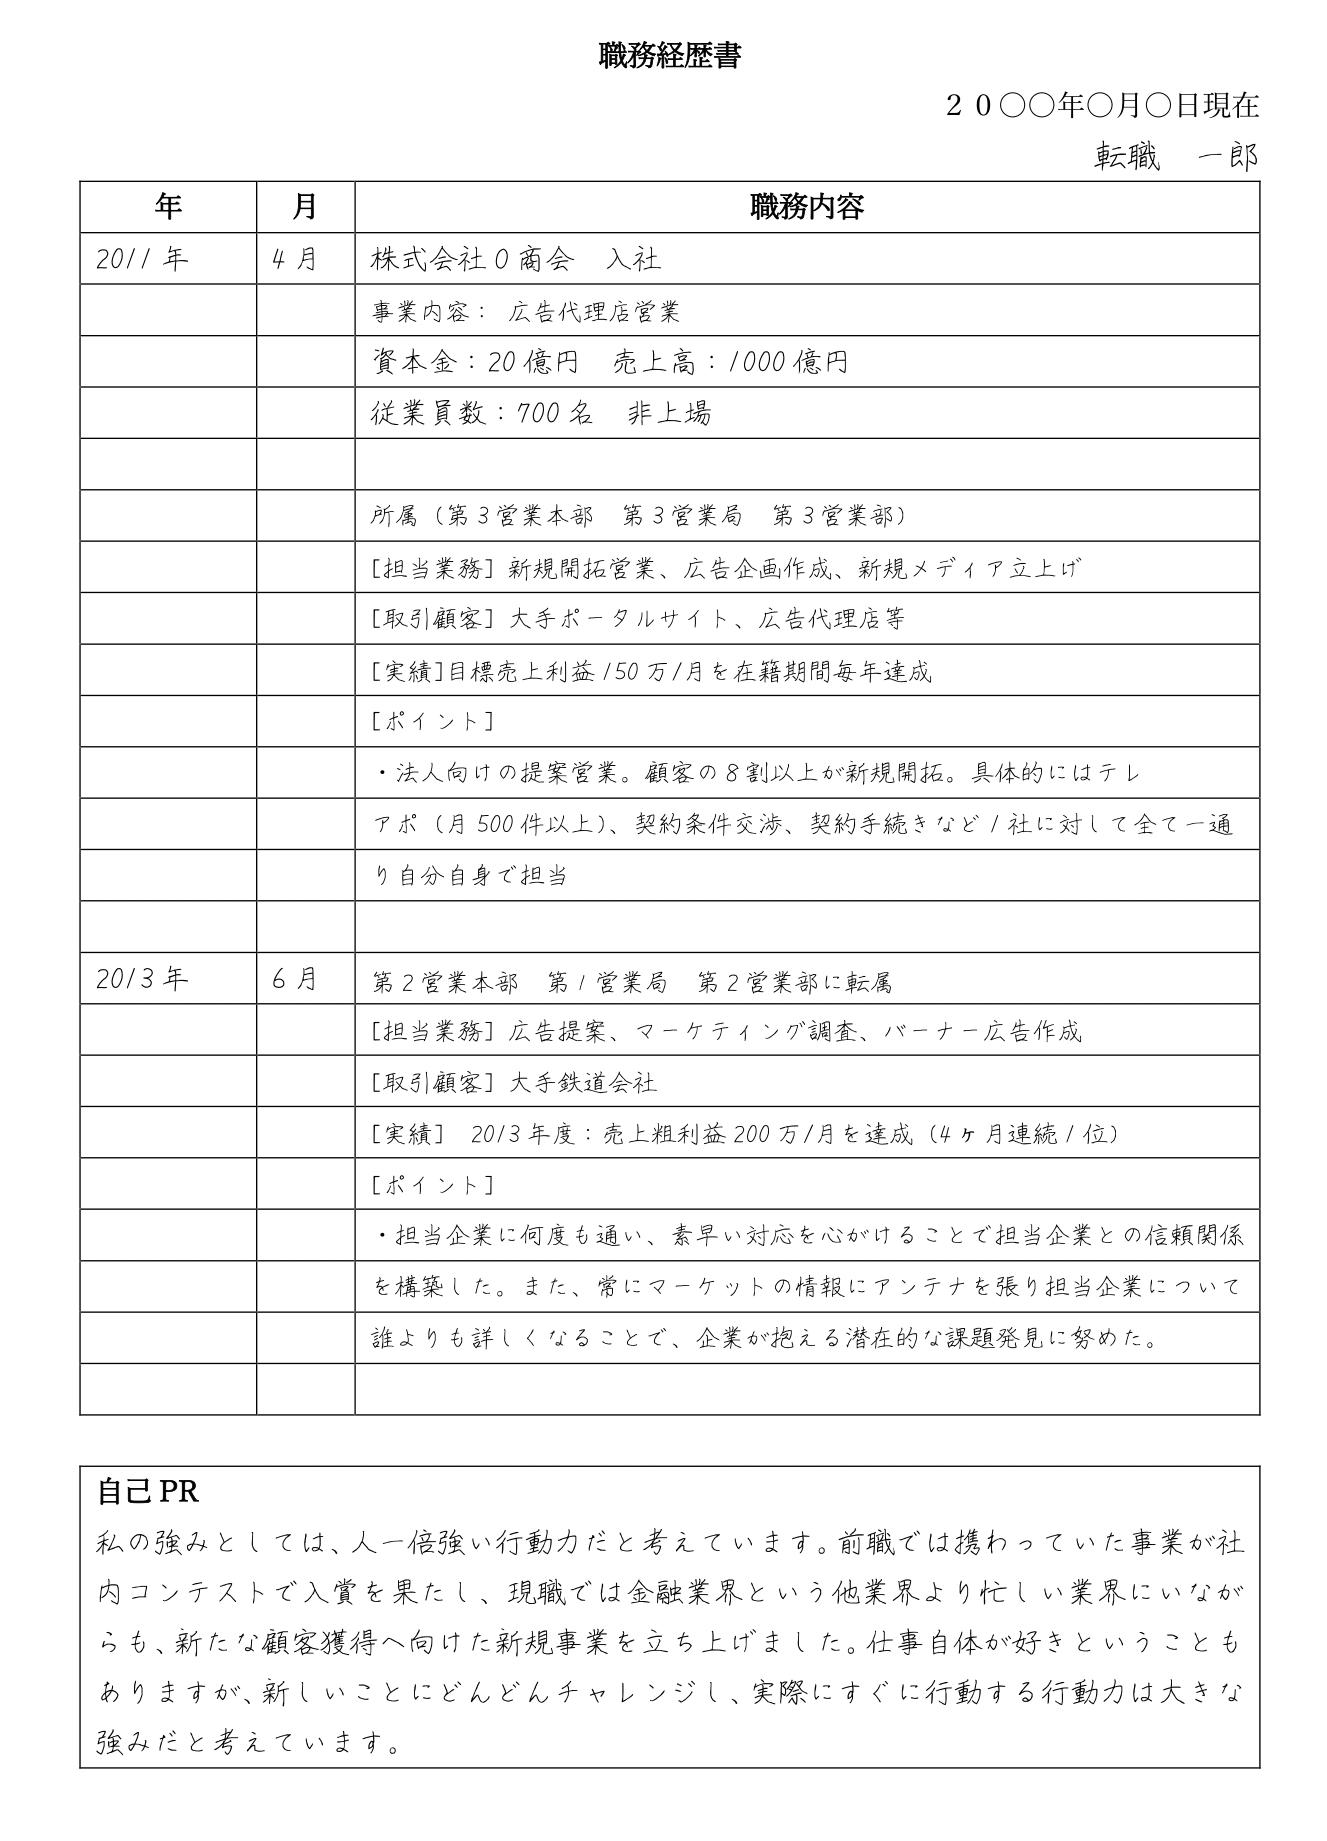 経歴 アルバイト 職務 書